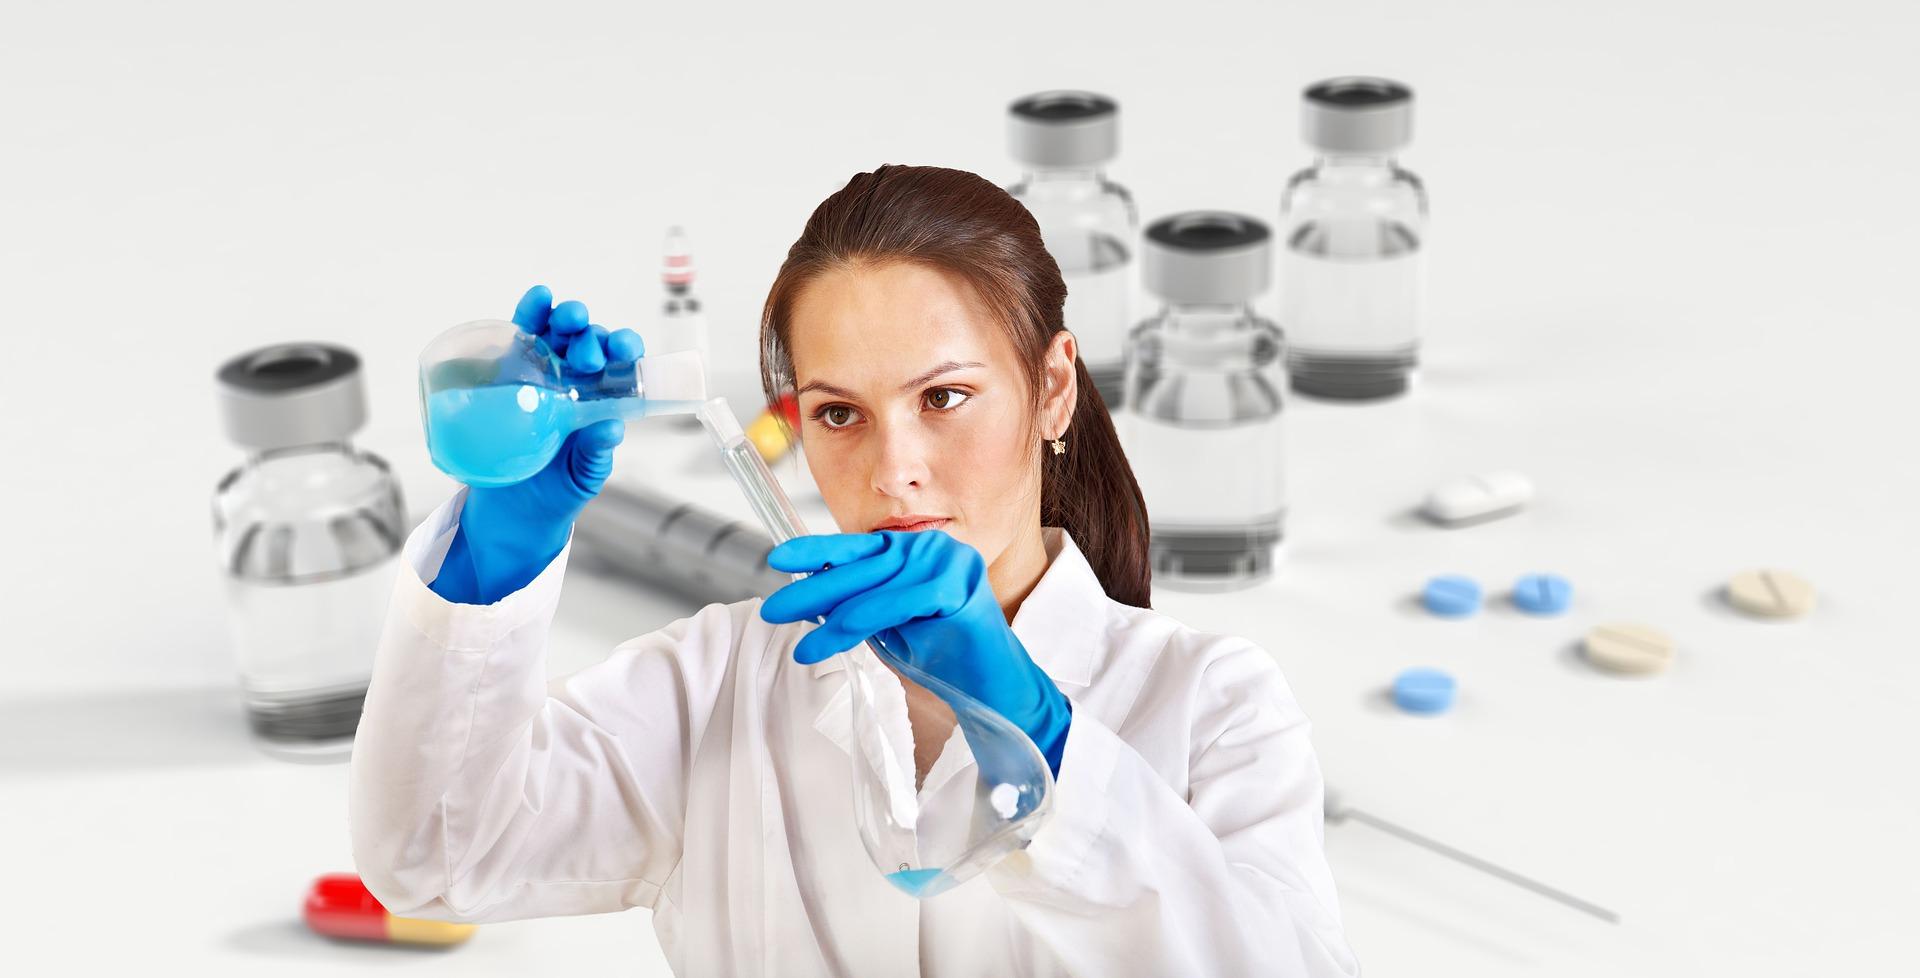 Μάχη μεταξύ των εταιρειών για το πιο αποτελεσματικό εμβόλιο κατά του κορονοϊού – Του Θ. Δημόπουλου